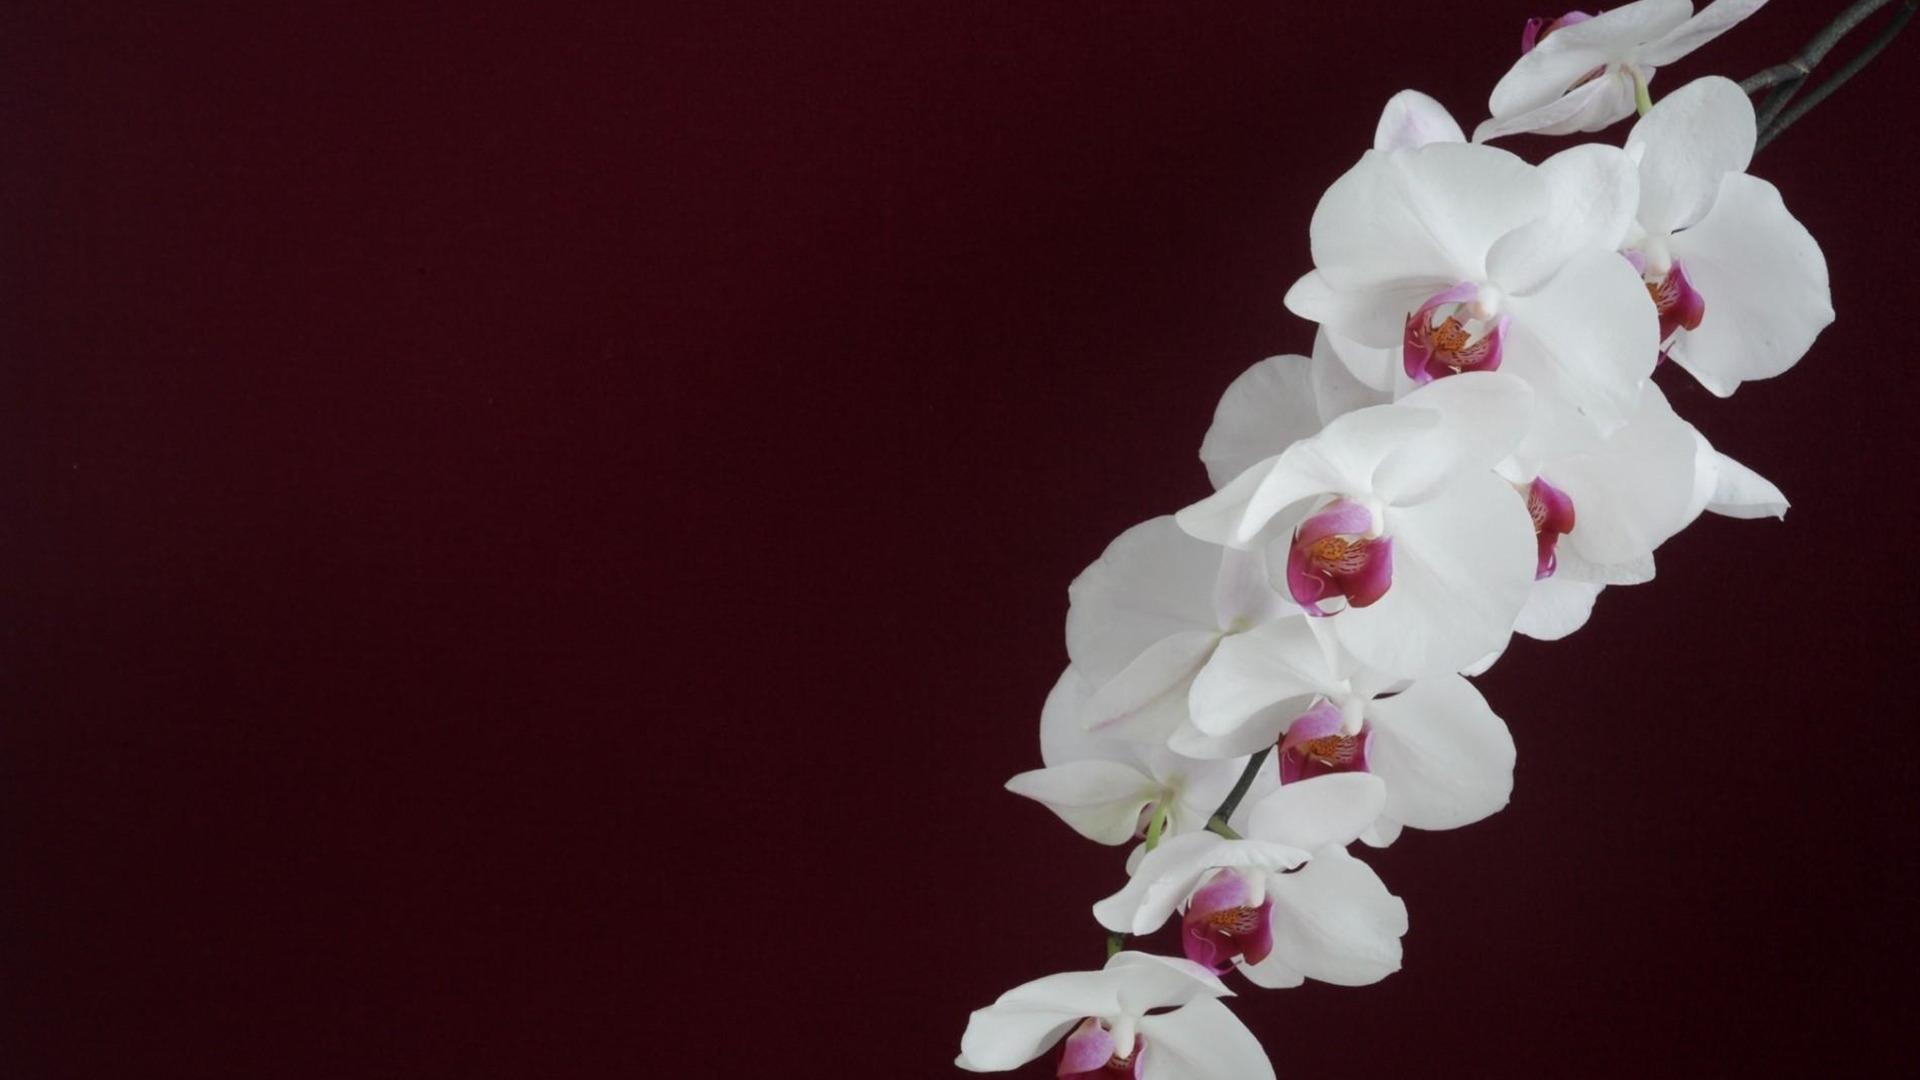 orchid u00e9e blanche branche